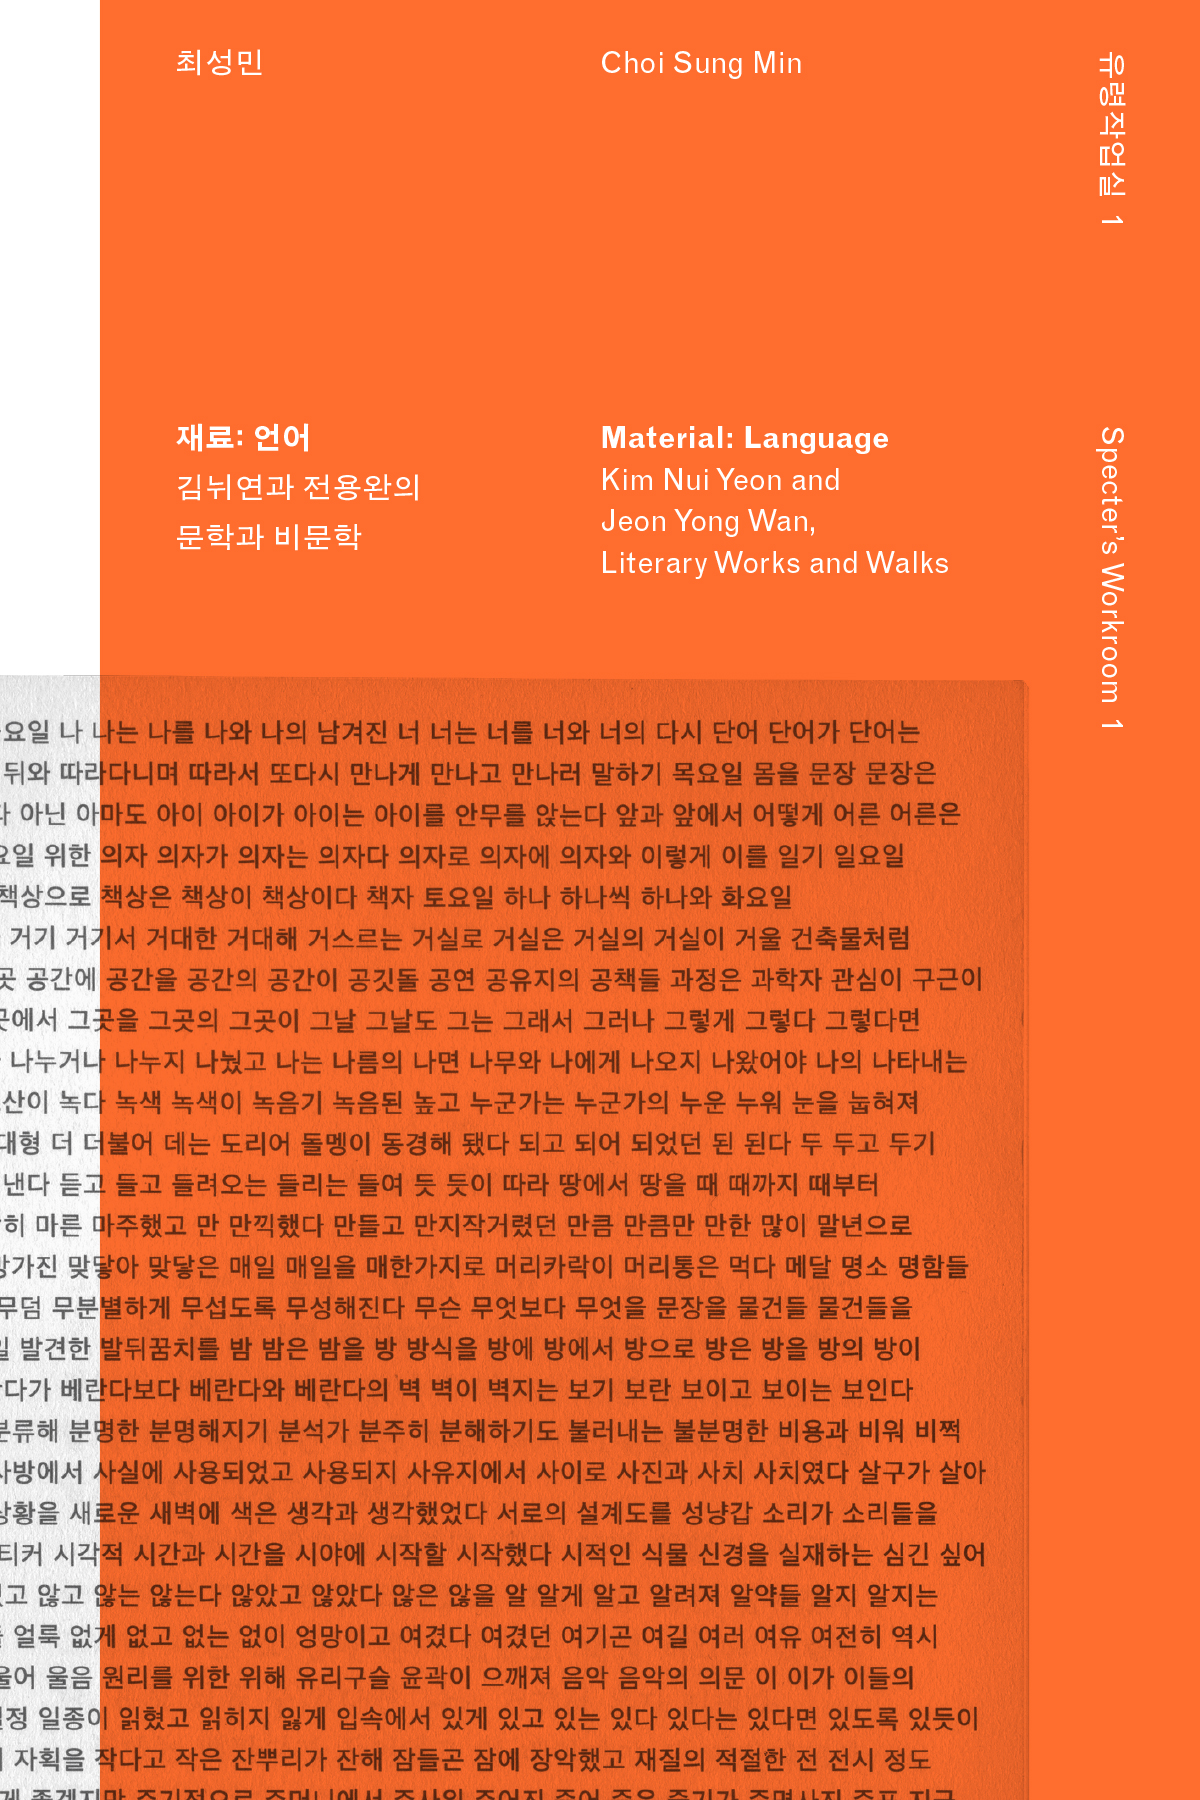 재료: 언어―김뉘연과 전용완의 문학과 비문학